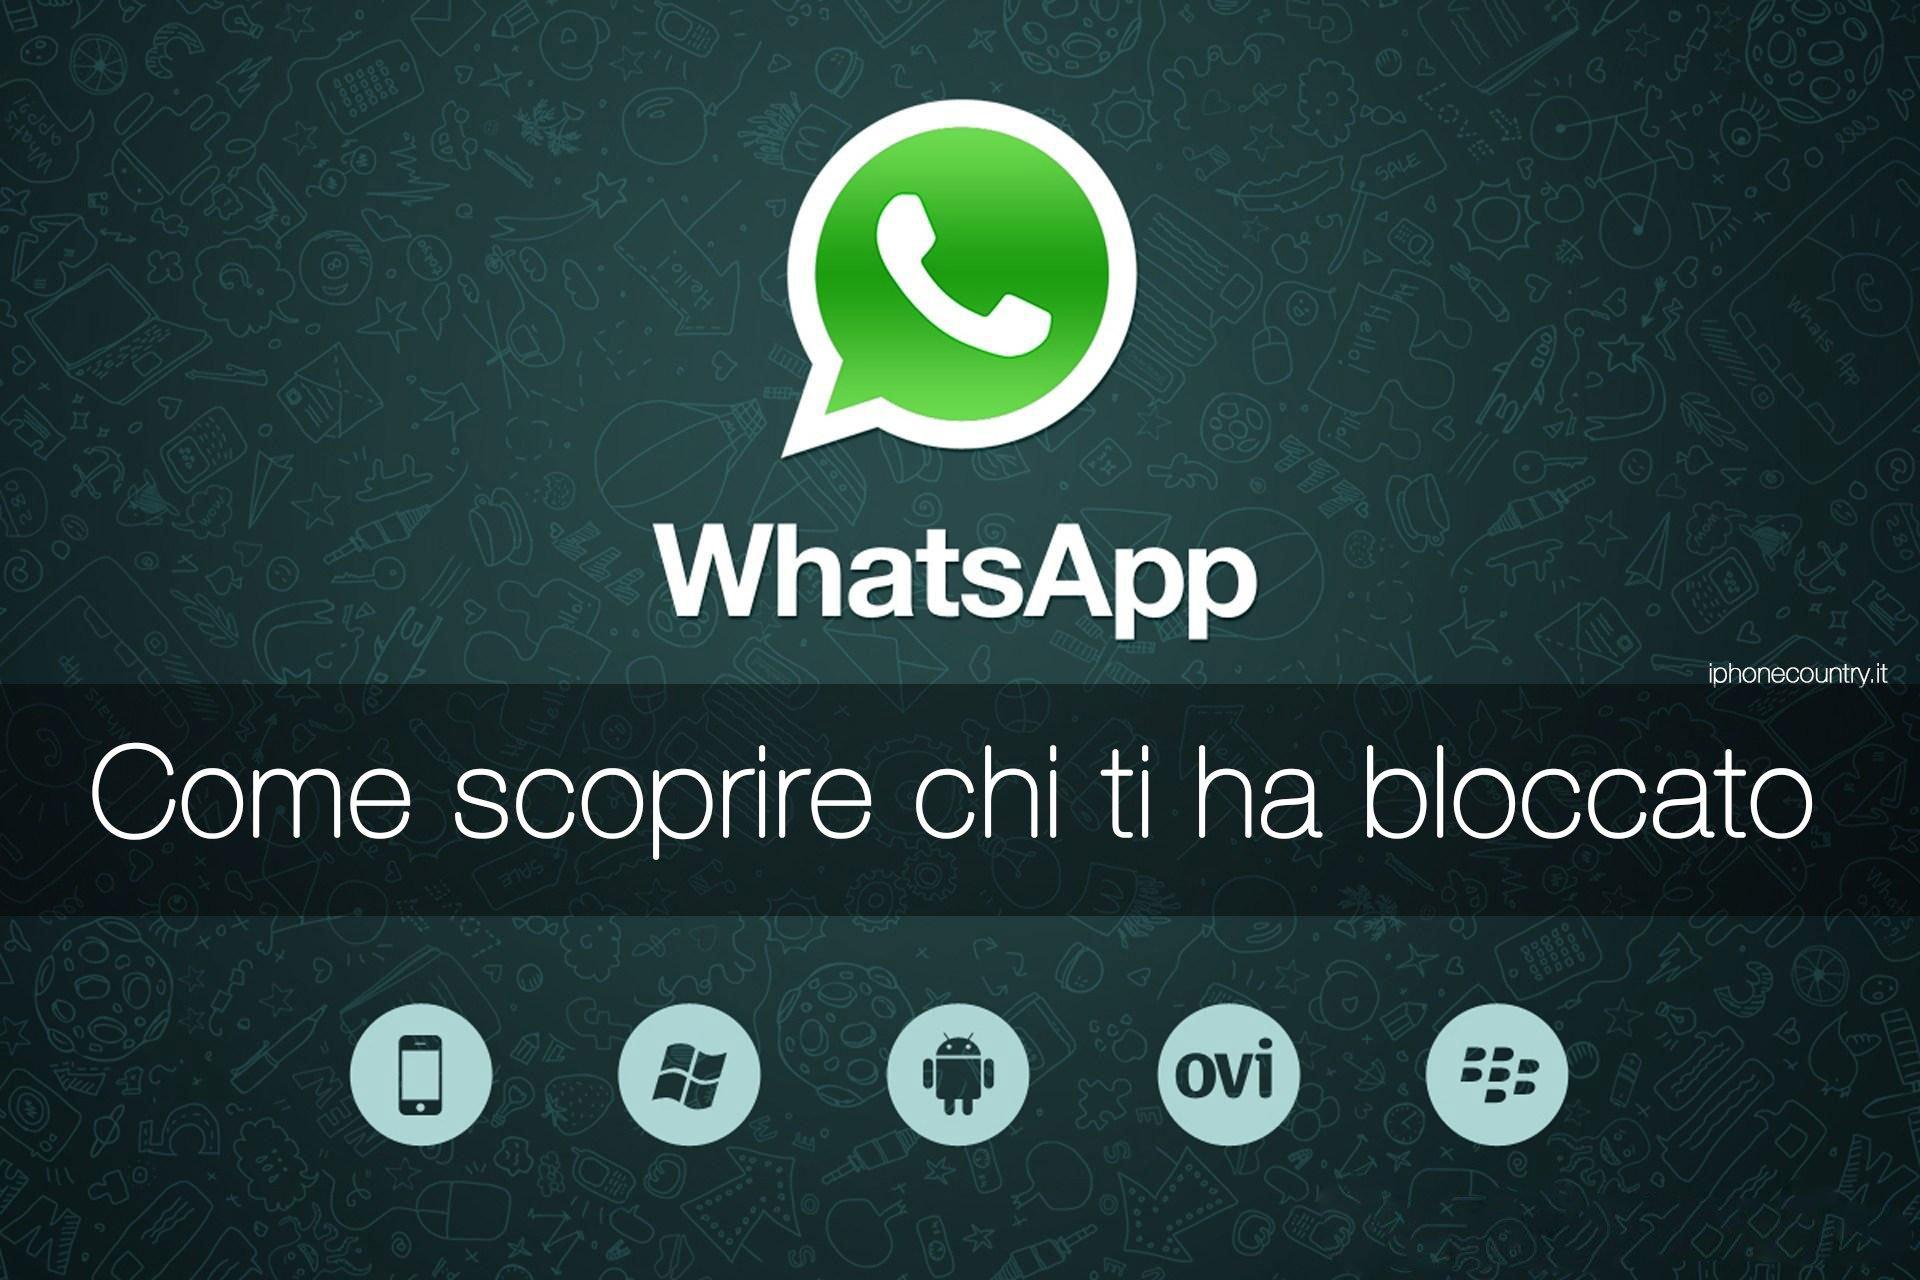 Contatti bloccati su WhatsApp